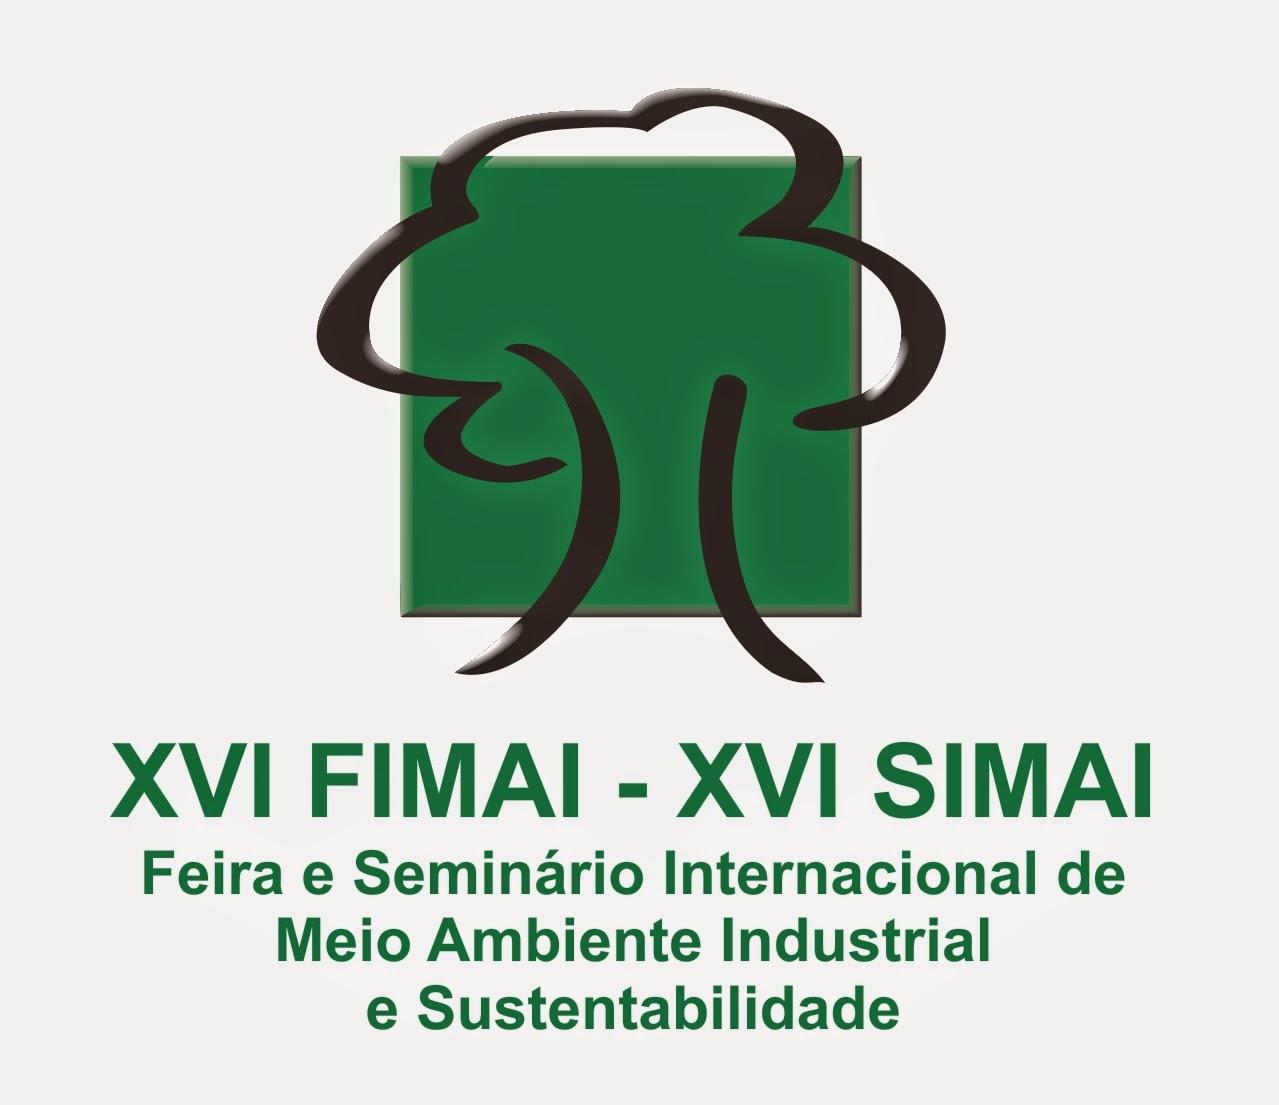 FIMAI | SIMAI